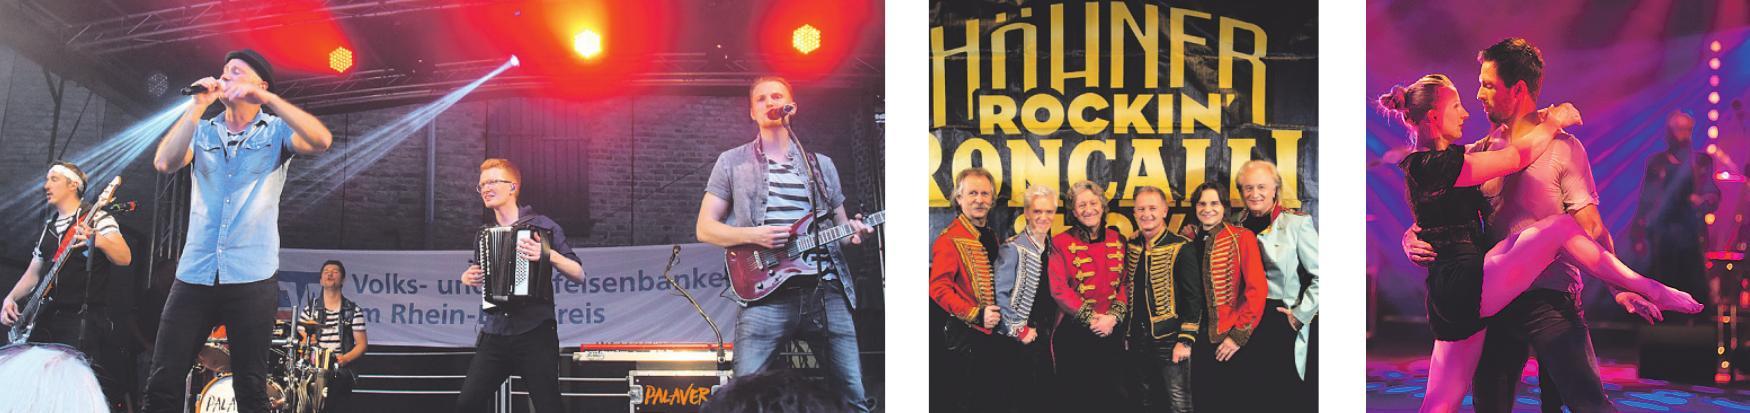 Die Volksbank ist offizieller Partner der Band Palaver. 2017 besuchten Kunden und Mitglieder Rockin' Roncalli ... und bewunderten Tanz- und Gesangseinlagen.